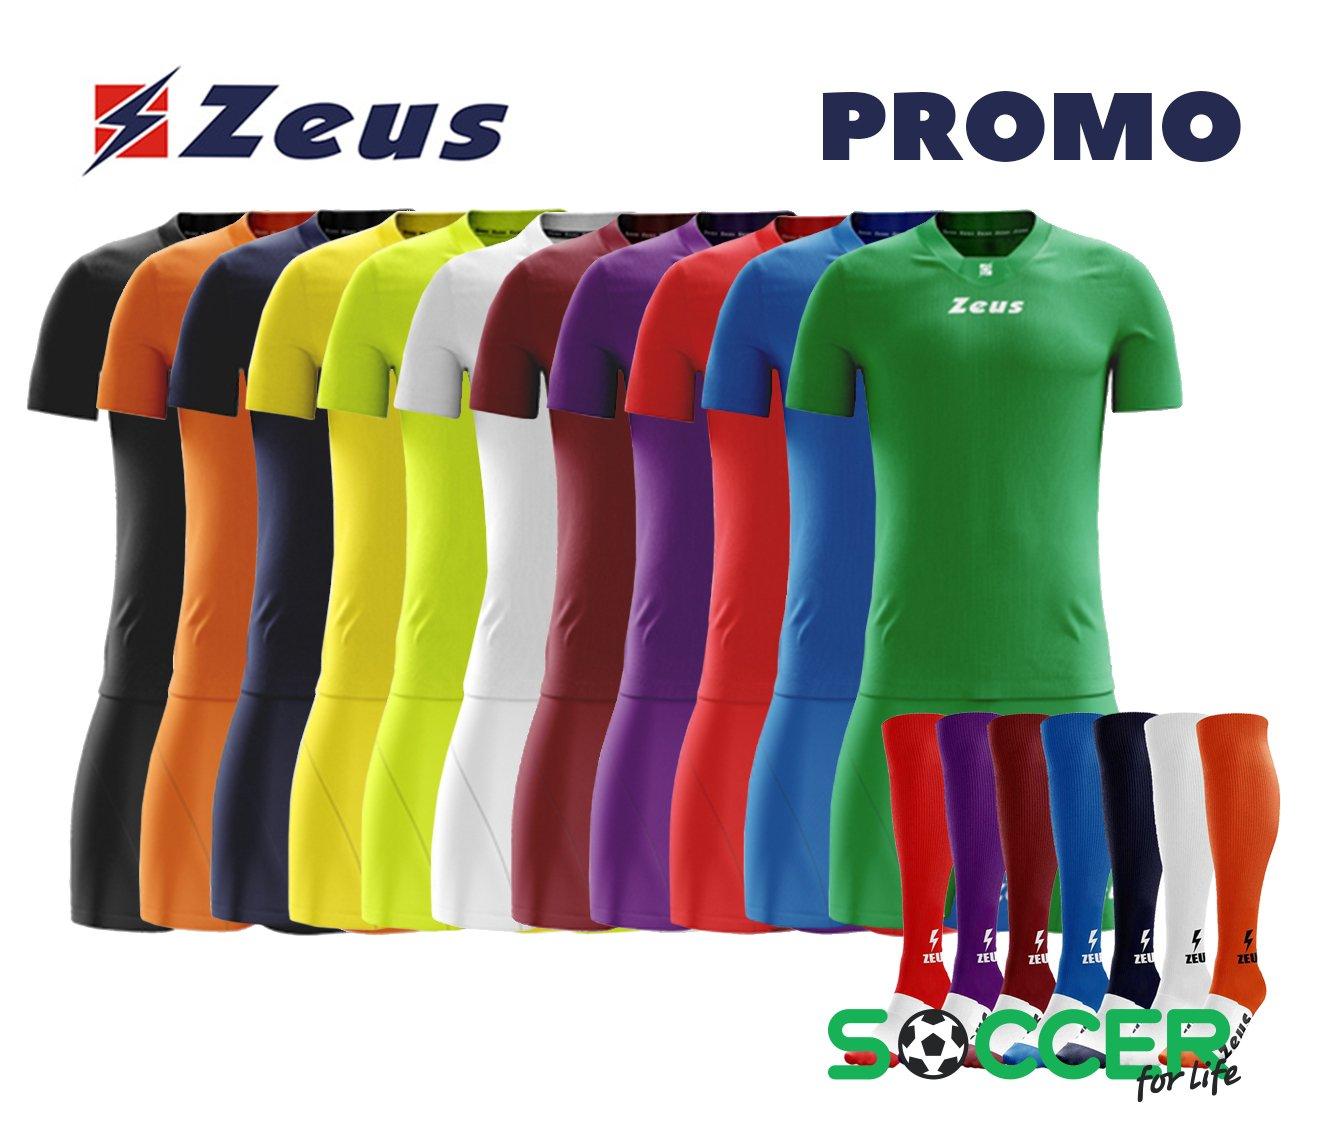 d39bdf075390 Футбольная форма Zeus PROMO SET - 7 шт с номерами и фамилиями + ...